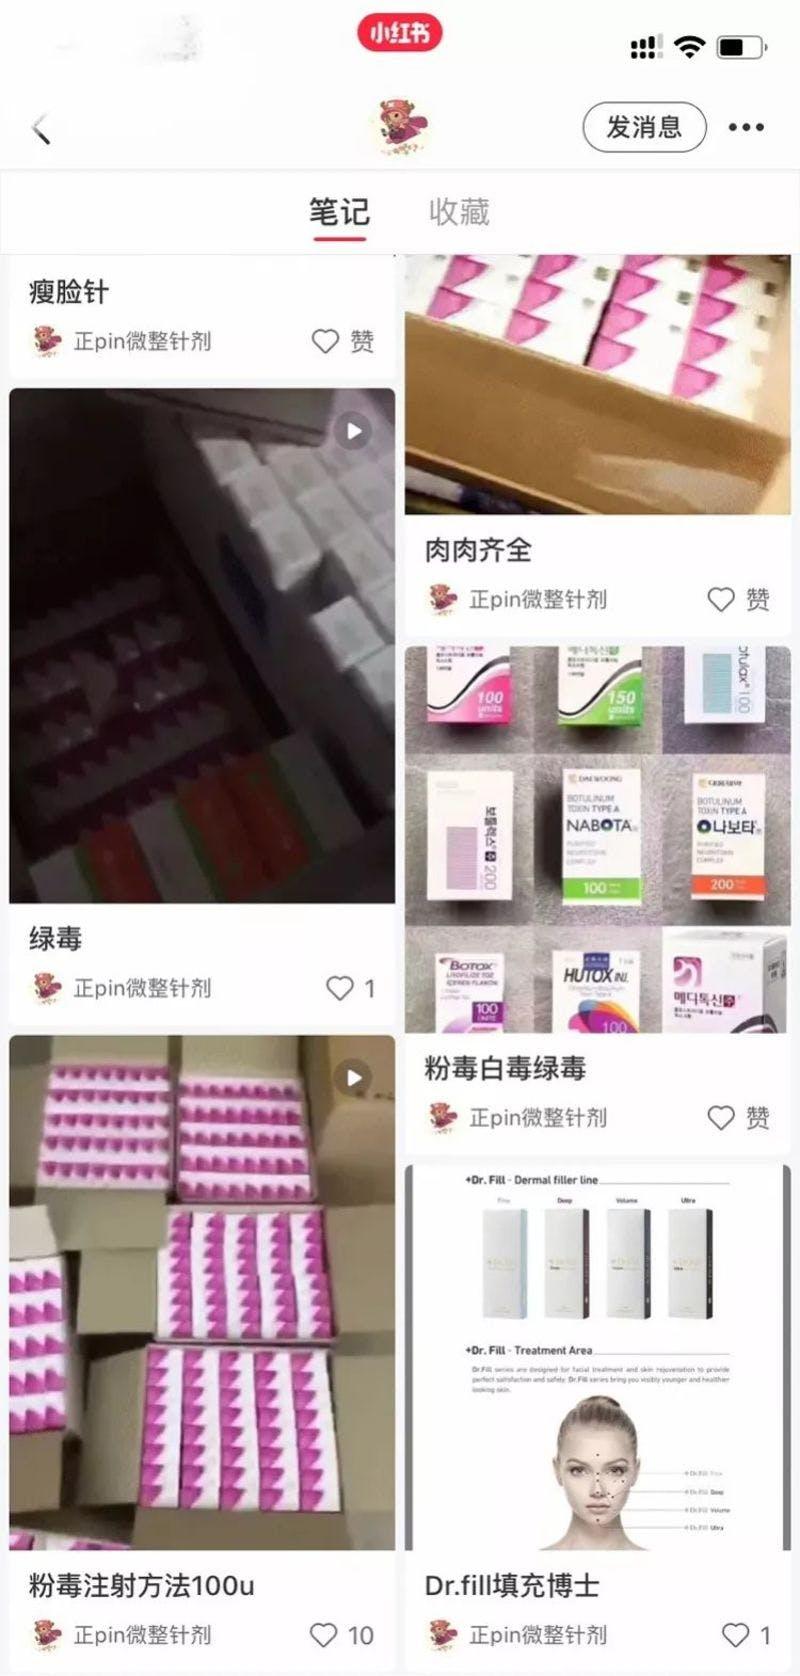 ▲禁止されている商品を宣伝するコンテンツ 出典:AI蓝媒汇